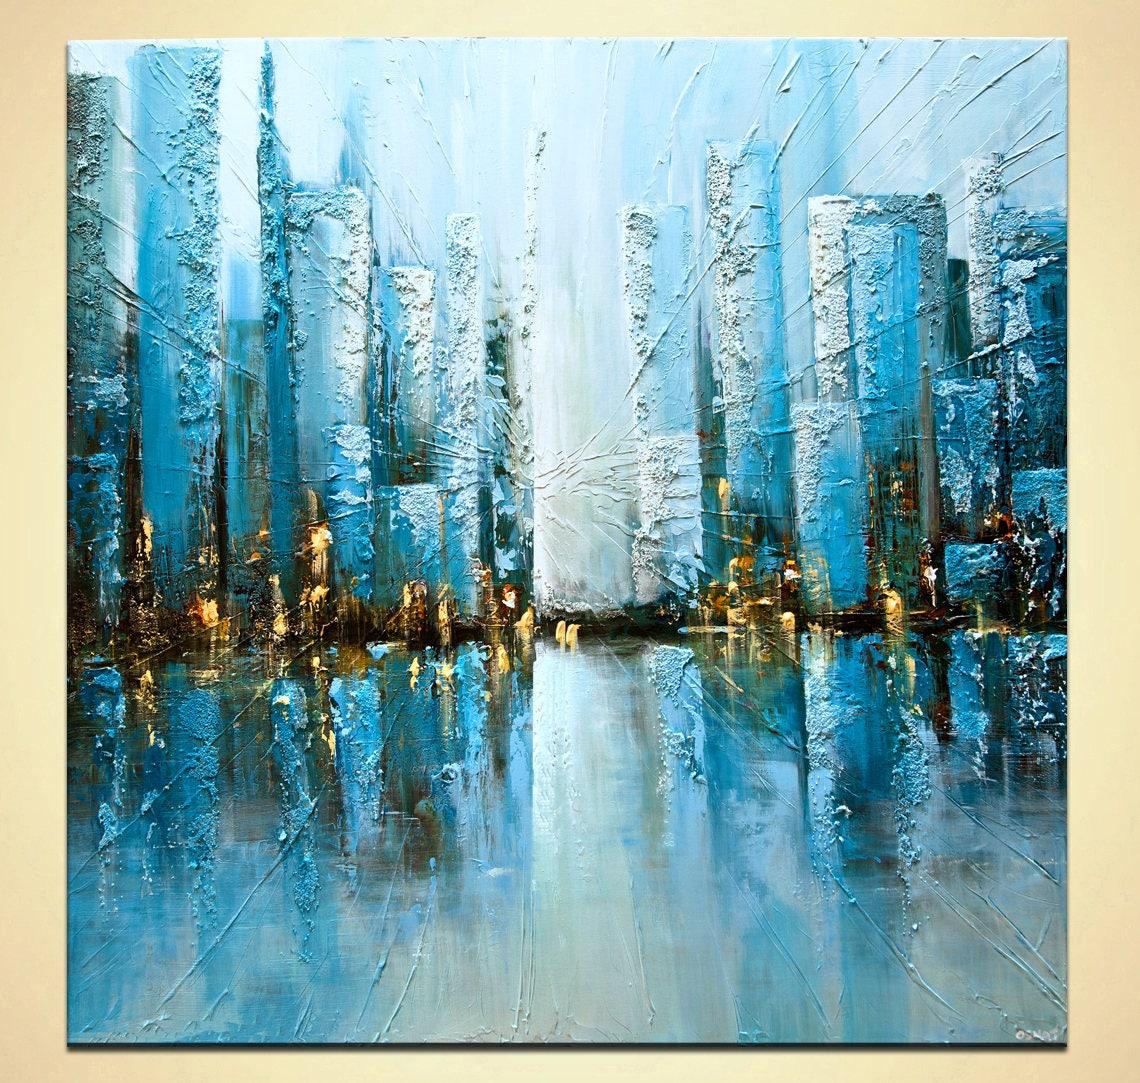 Pintura con textura sobre lienzo turquesa azul ciudad pintura - Pintura azul turquesa ...